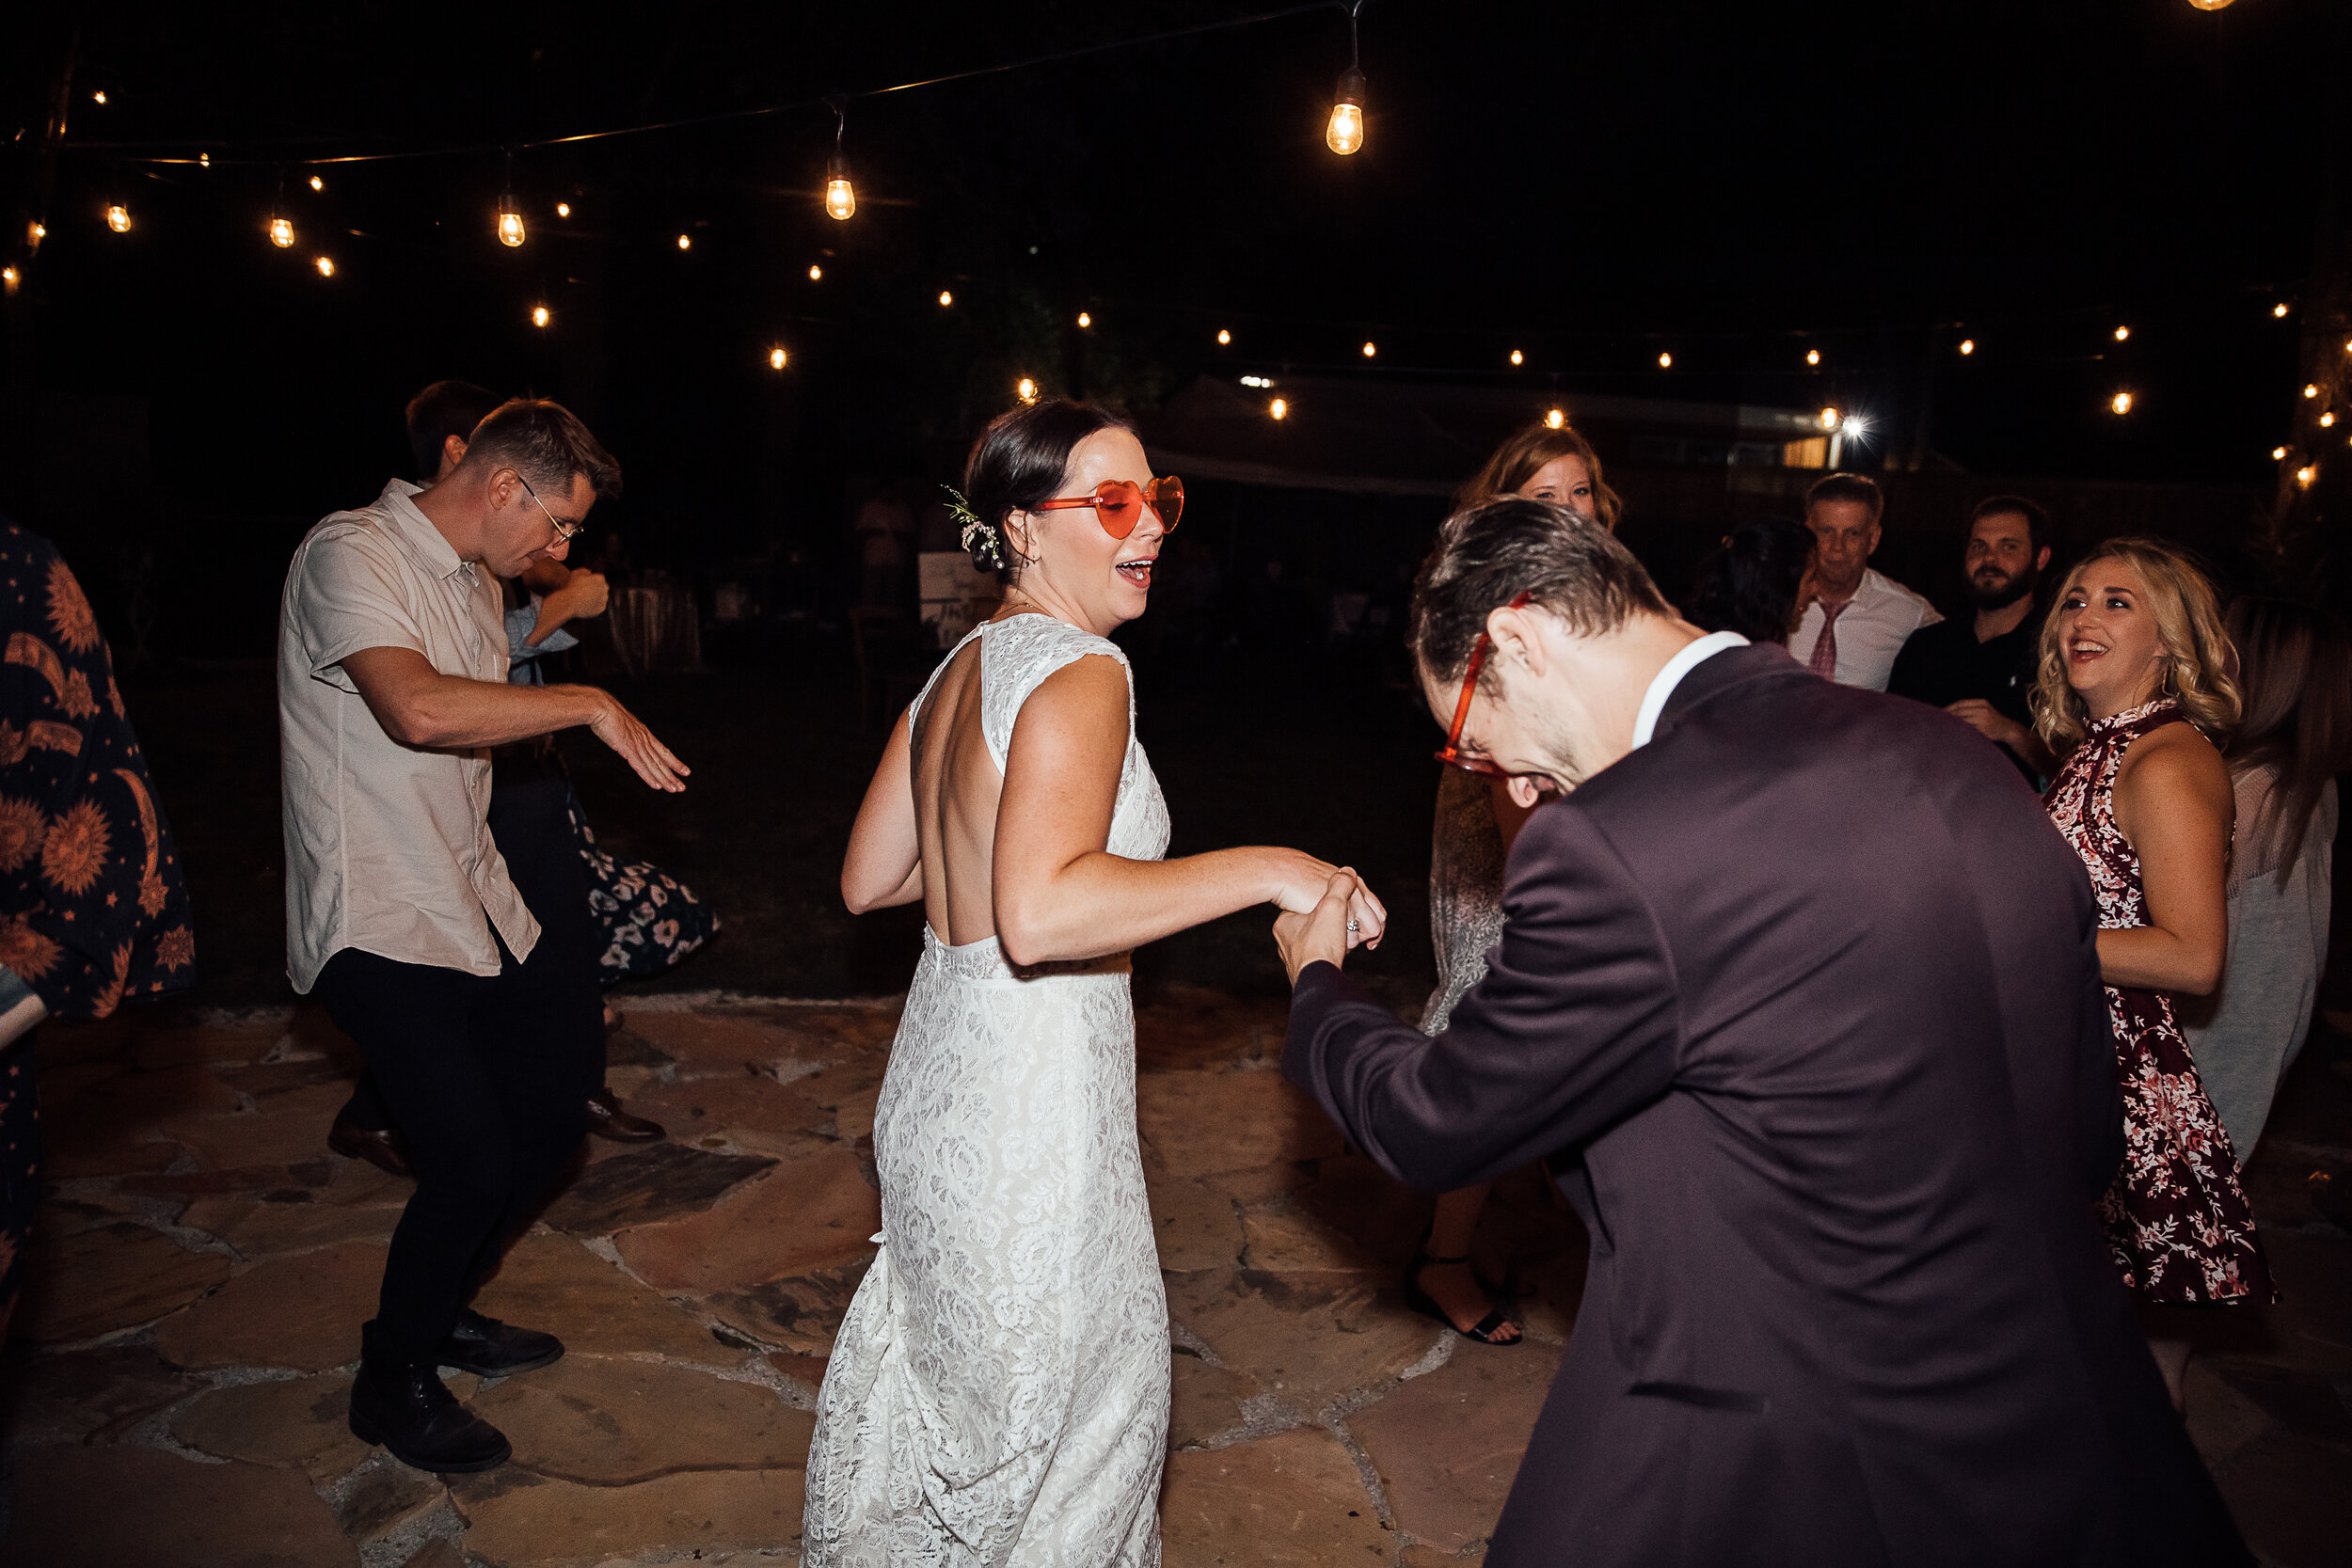 Allison-and-Wesley-Memphis-Backyard-Wedding-TheWarmthAroundYou-77.jpg